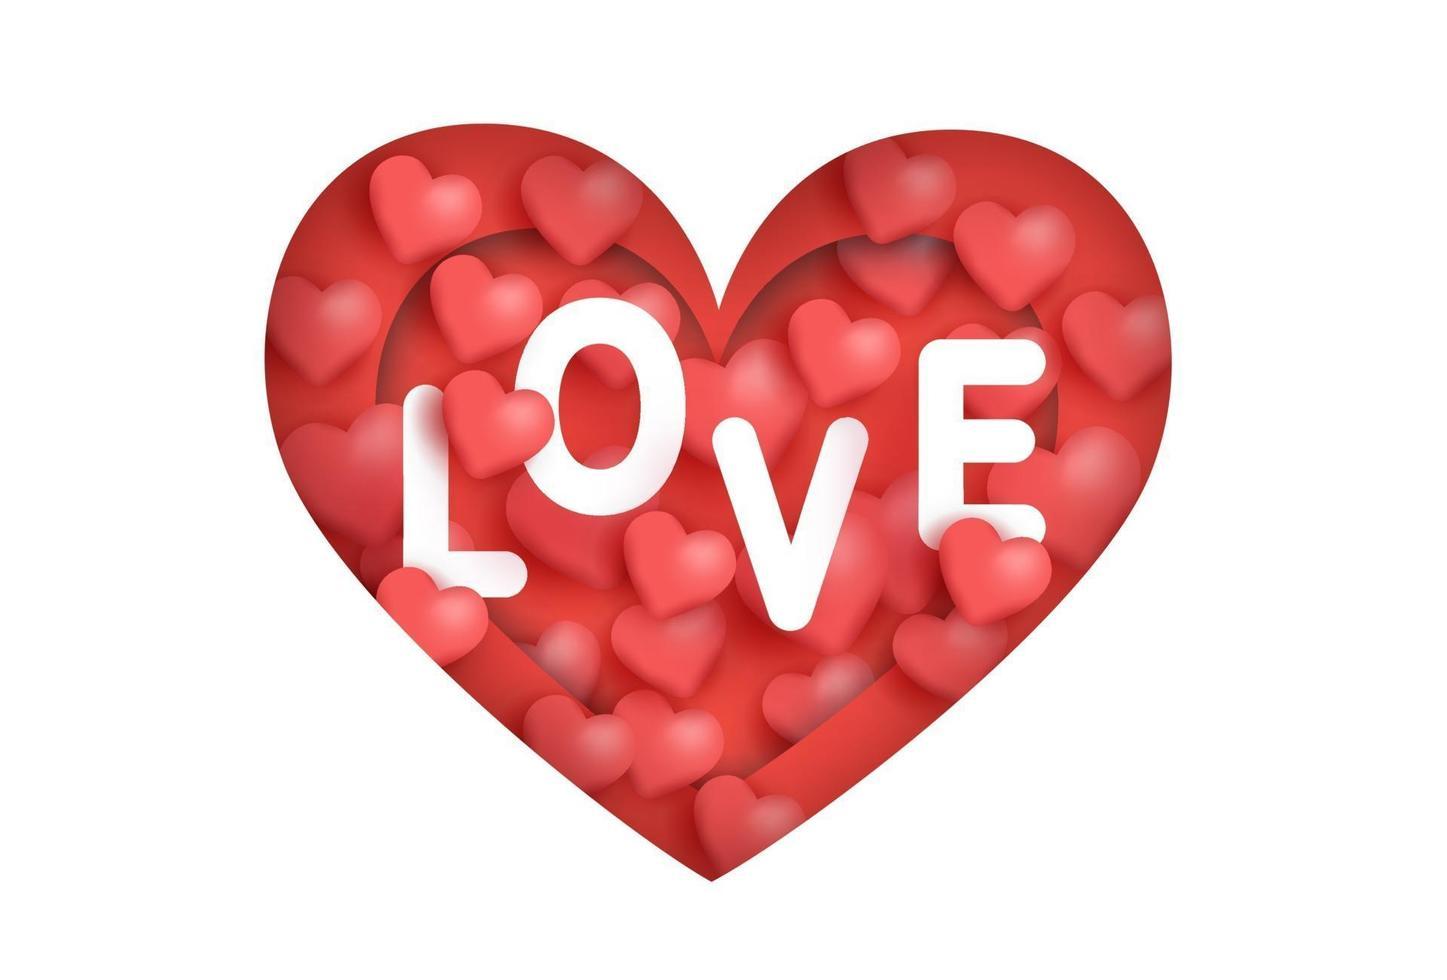 Valentijnsdag wenskaart met liefdeswoord in hart. vector